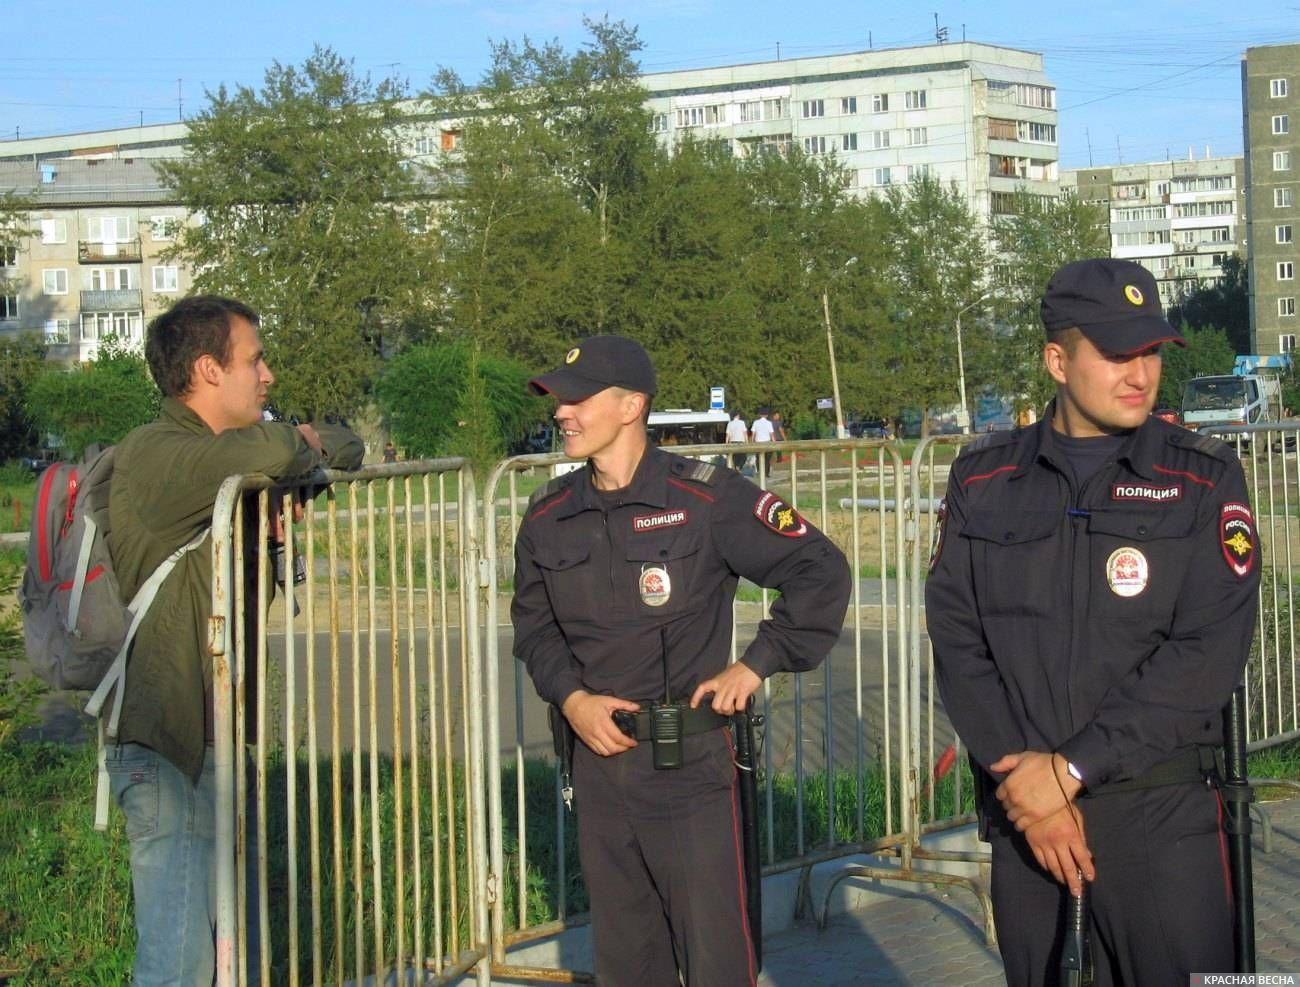 Полицейские на оппозиционном митинге